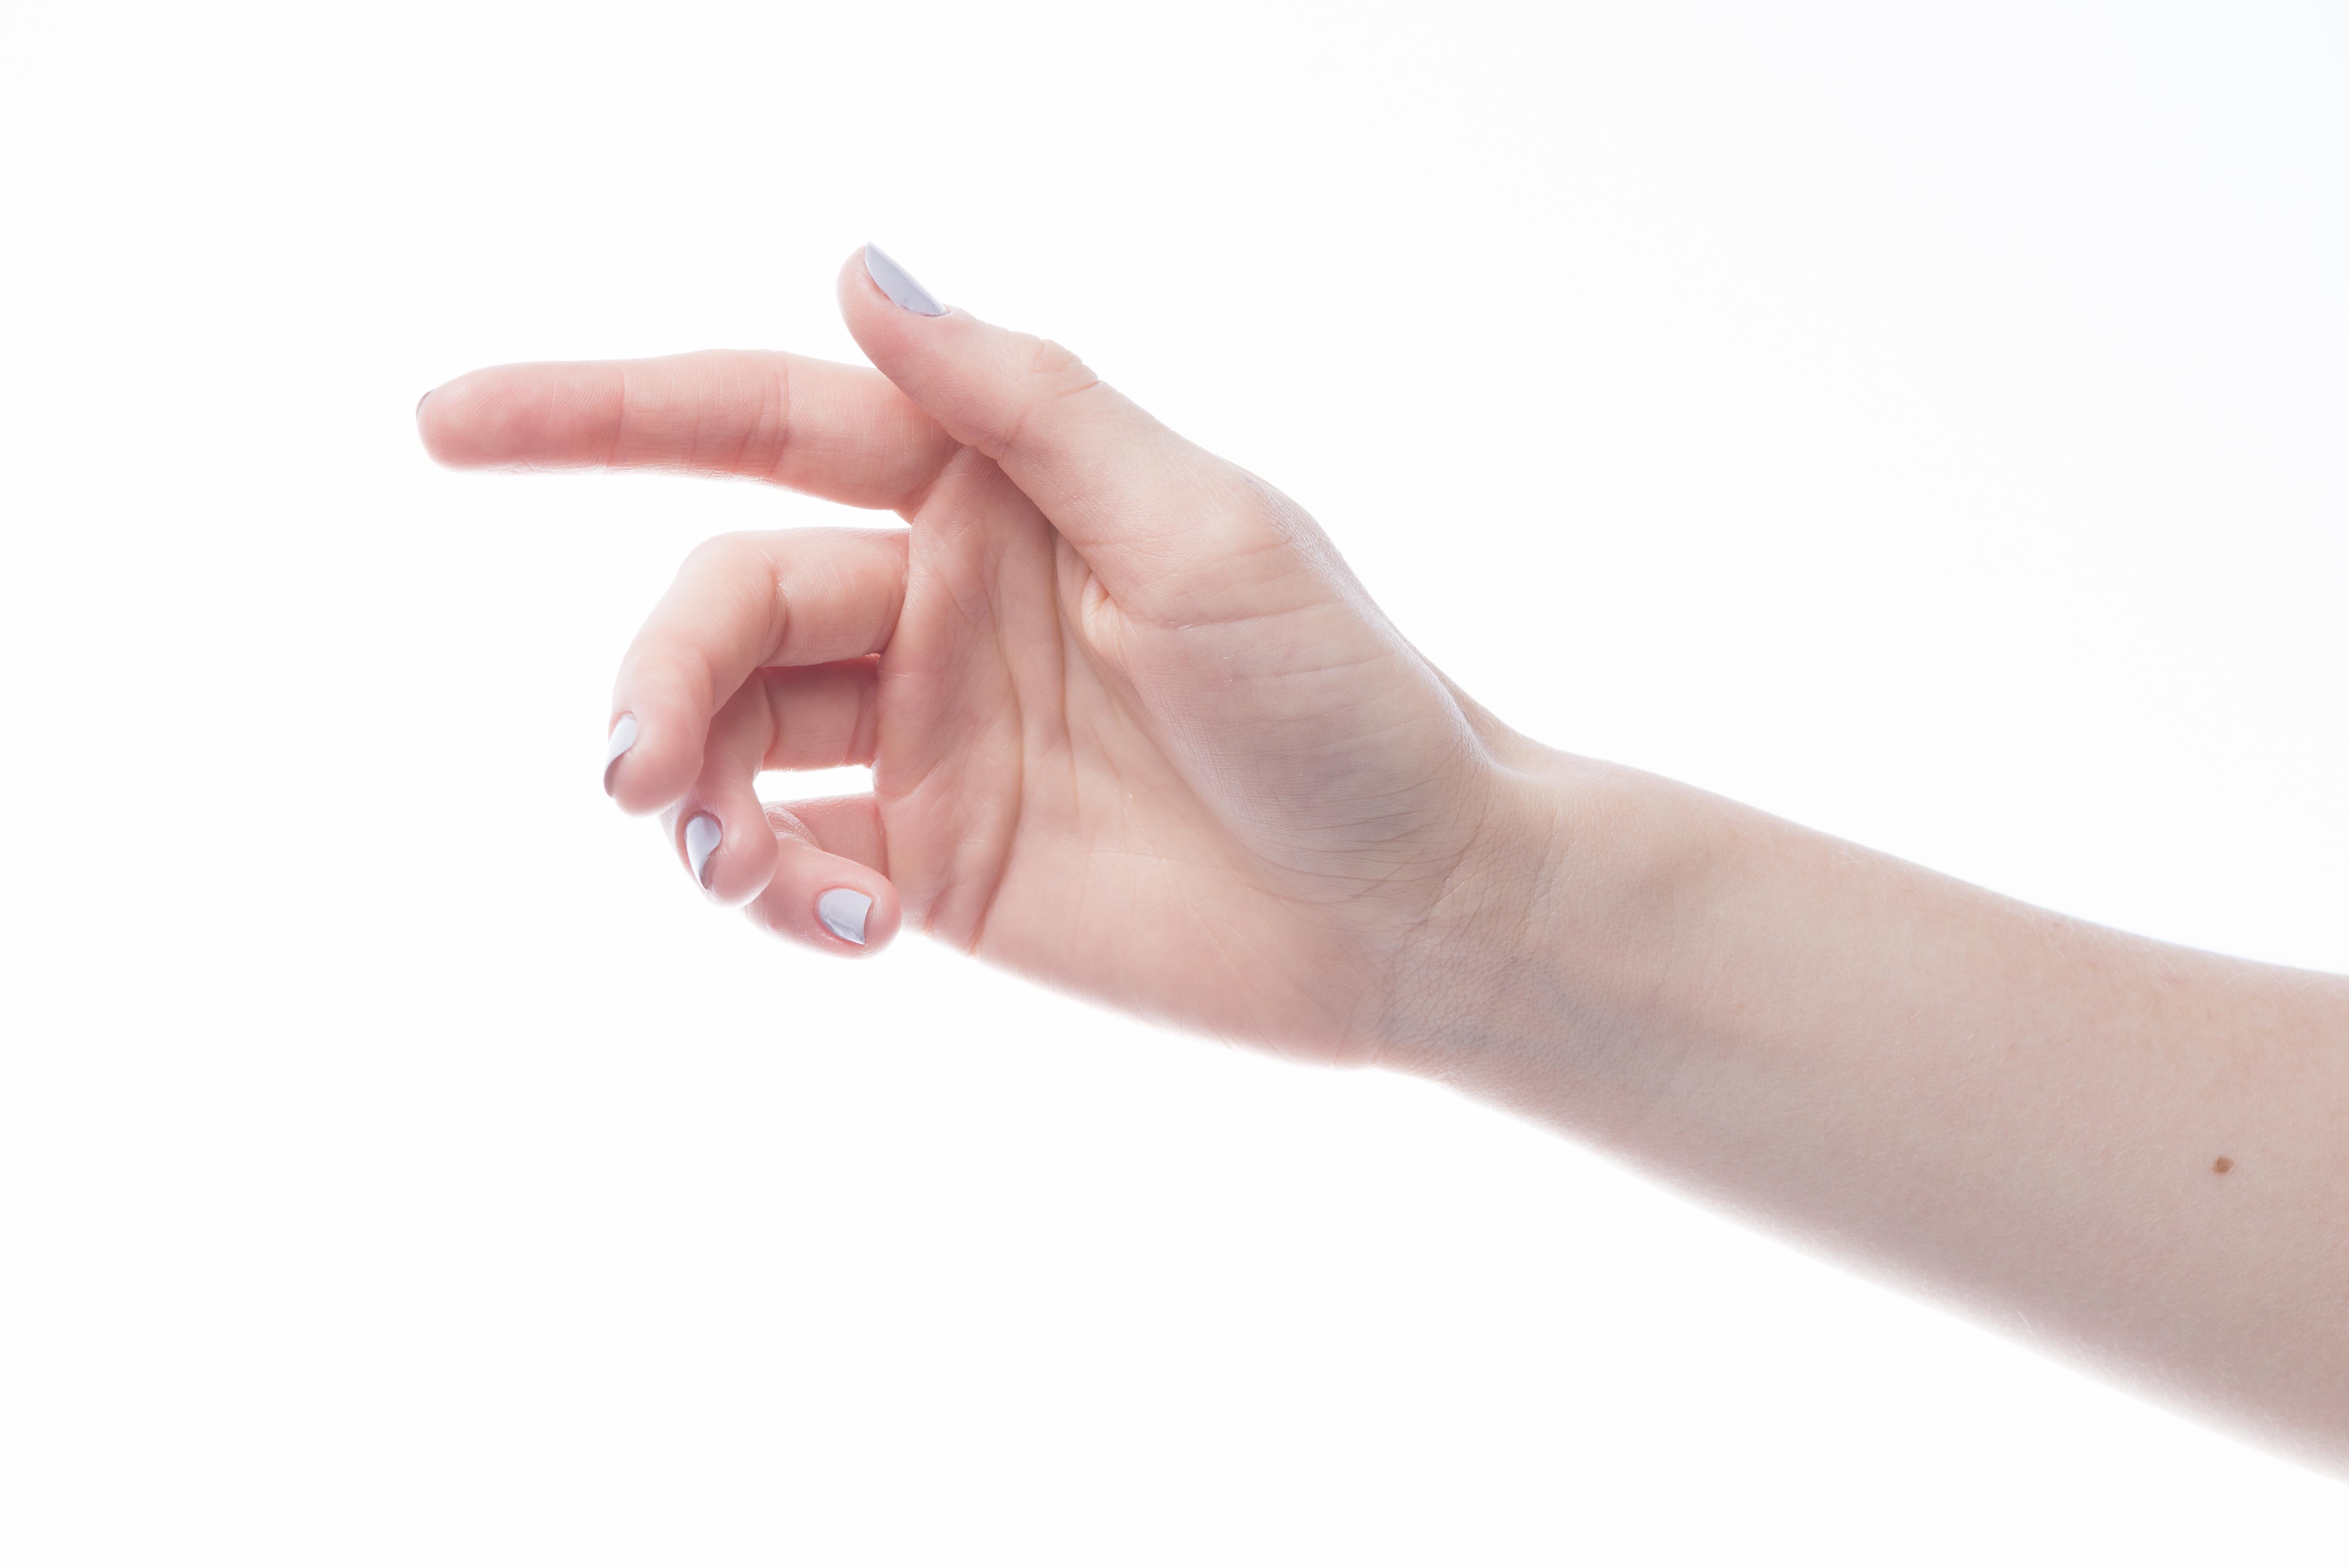 Dedos inflamados los tengo